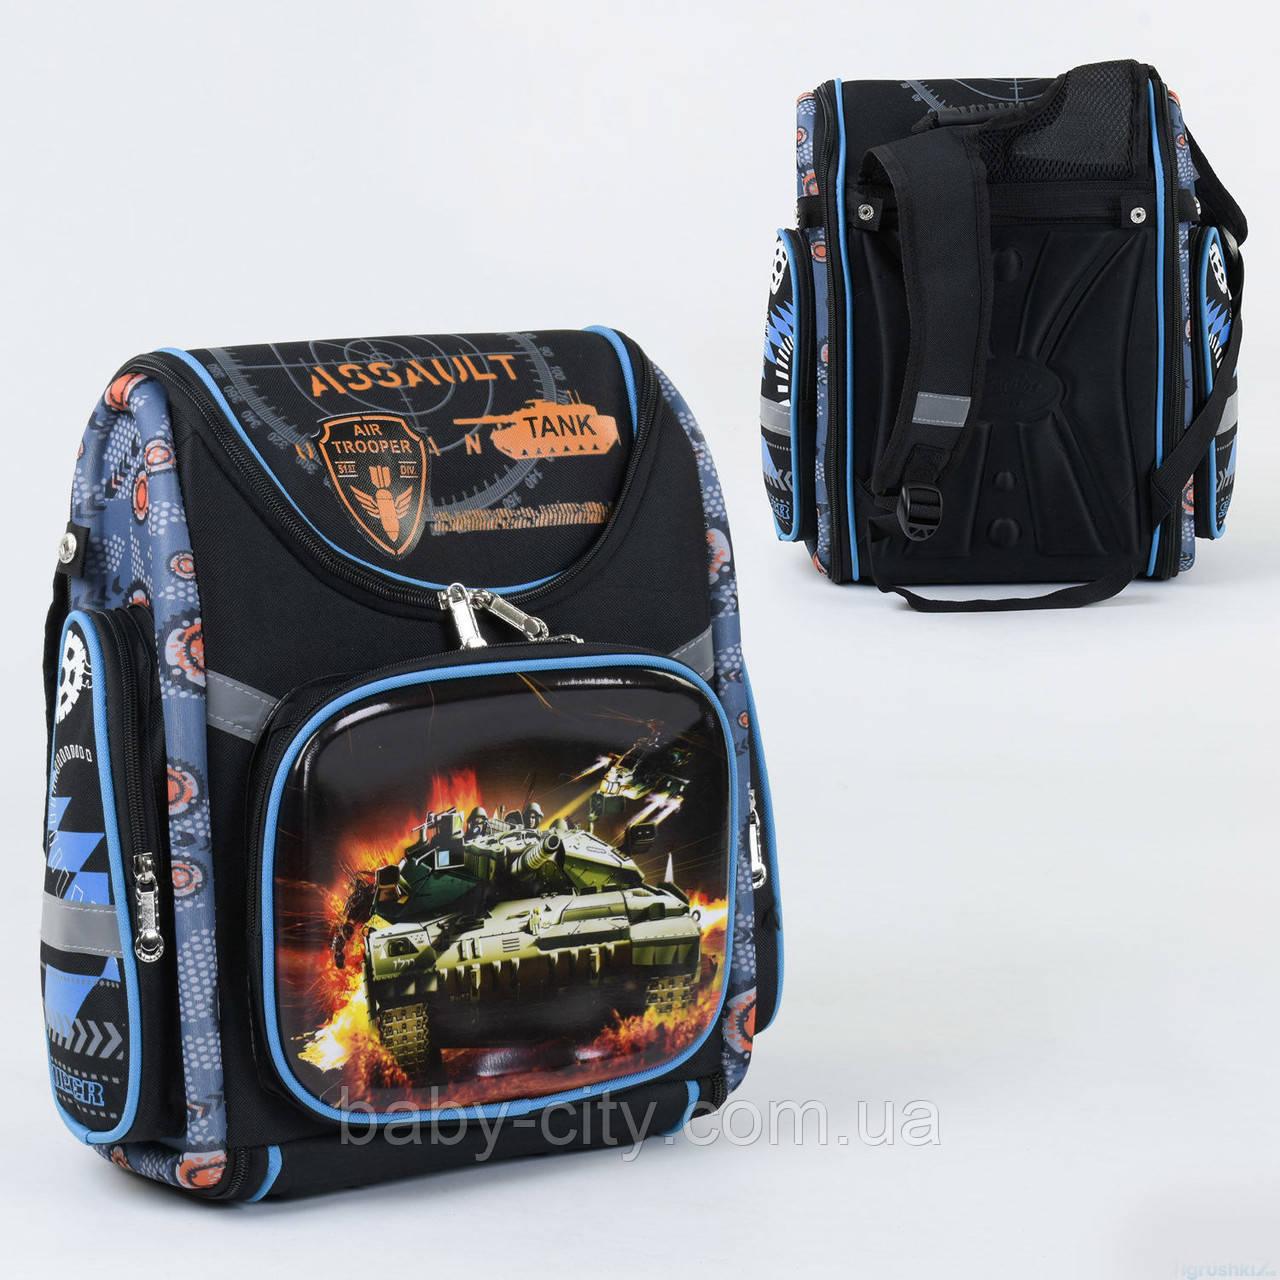 Рюкзак школьный каркасный С 36191, 1 отделение, 3 кармана, спинка ортопедическая